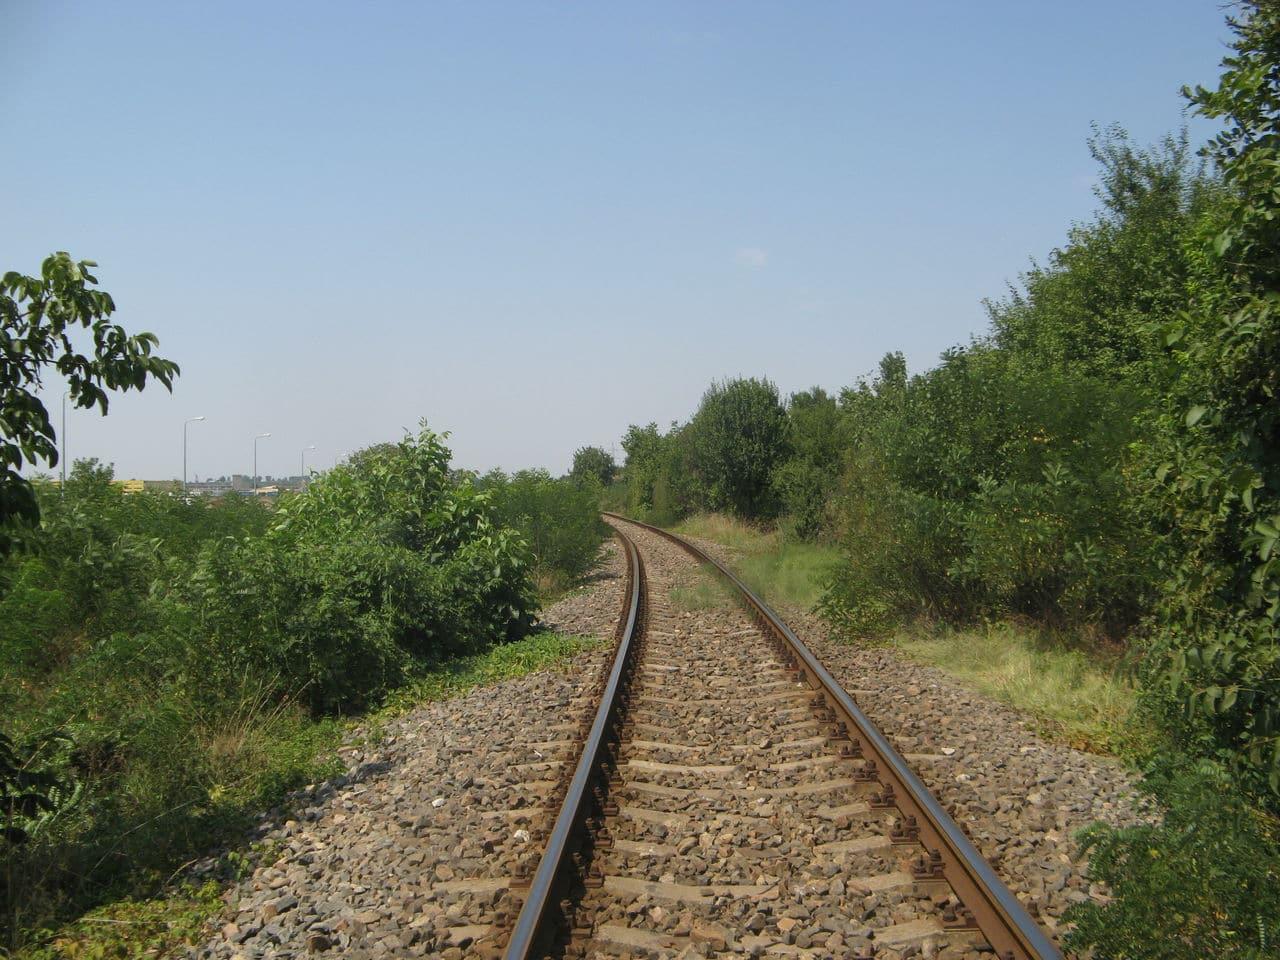 Calea ferată directă Oradea Vest - Episcopia Bihor IMG_0052